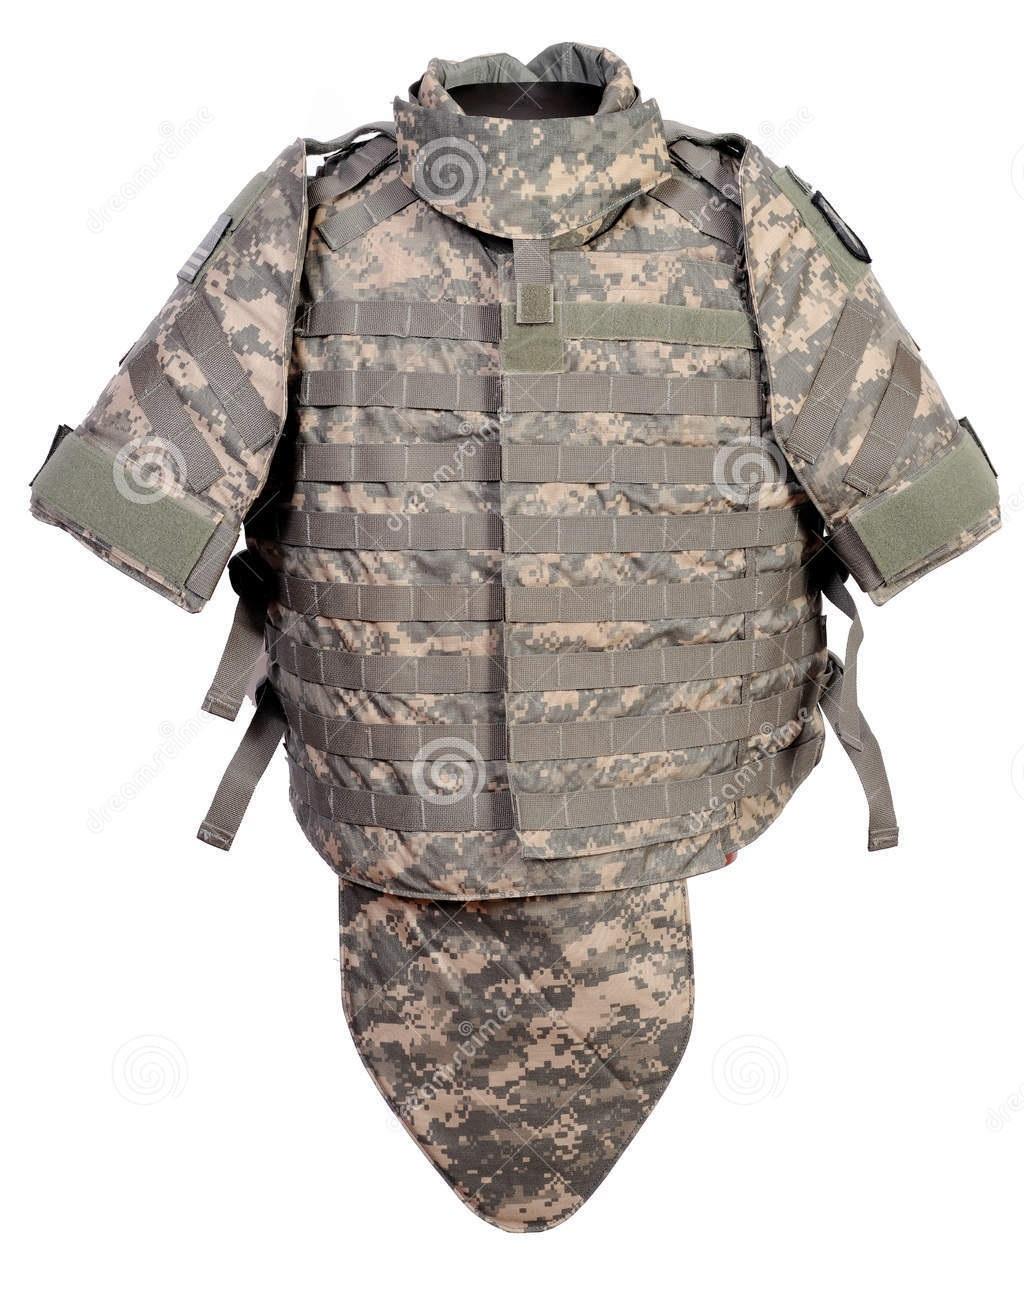 Interceptor_OTV_Assault_Vest.jpg